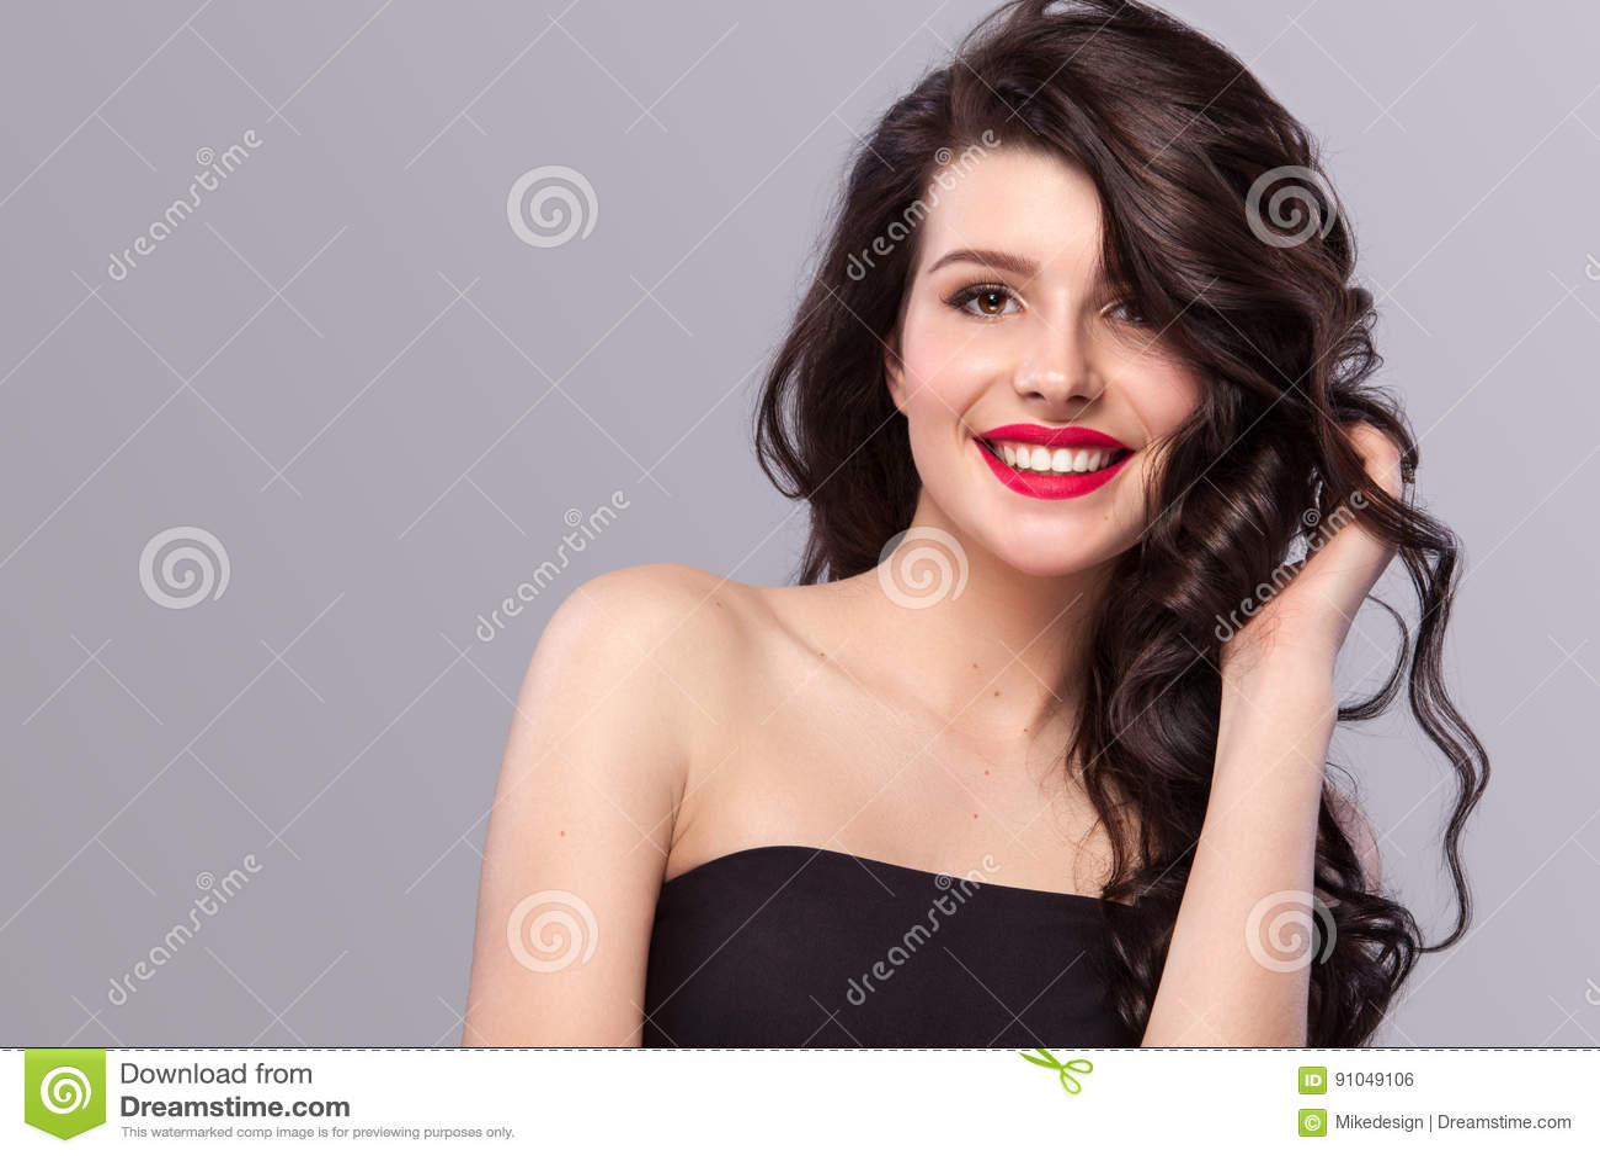 Femme De Sourire Avec De Longs Et Brillants Cheveux Onduleux Beau Modele Coiffure Bouclee Sur Le Fond Gris Photo Stock Image Du Cheveux Bouclee 91049106